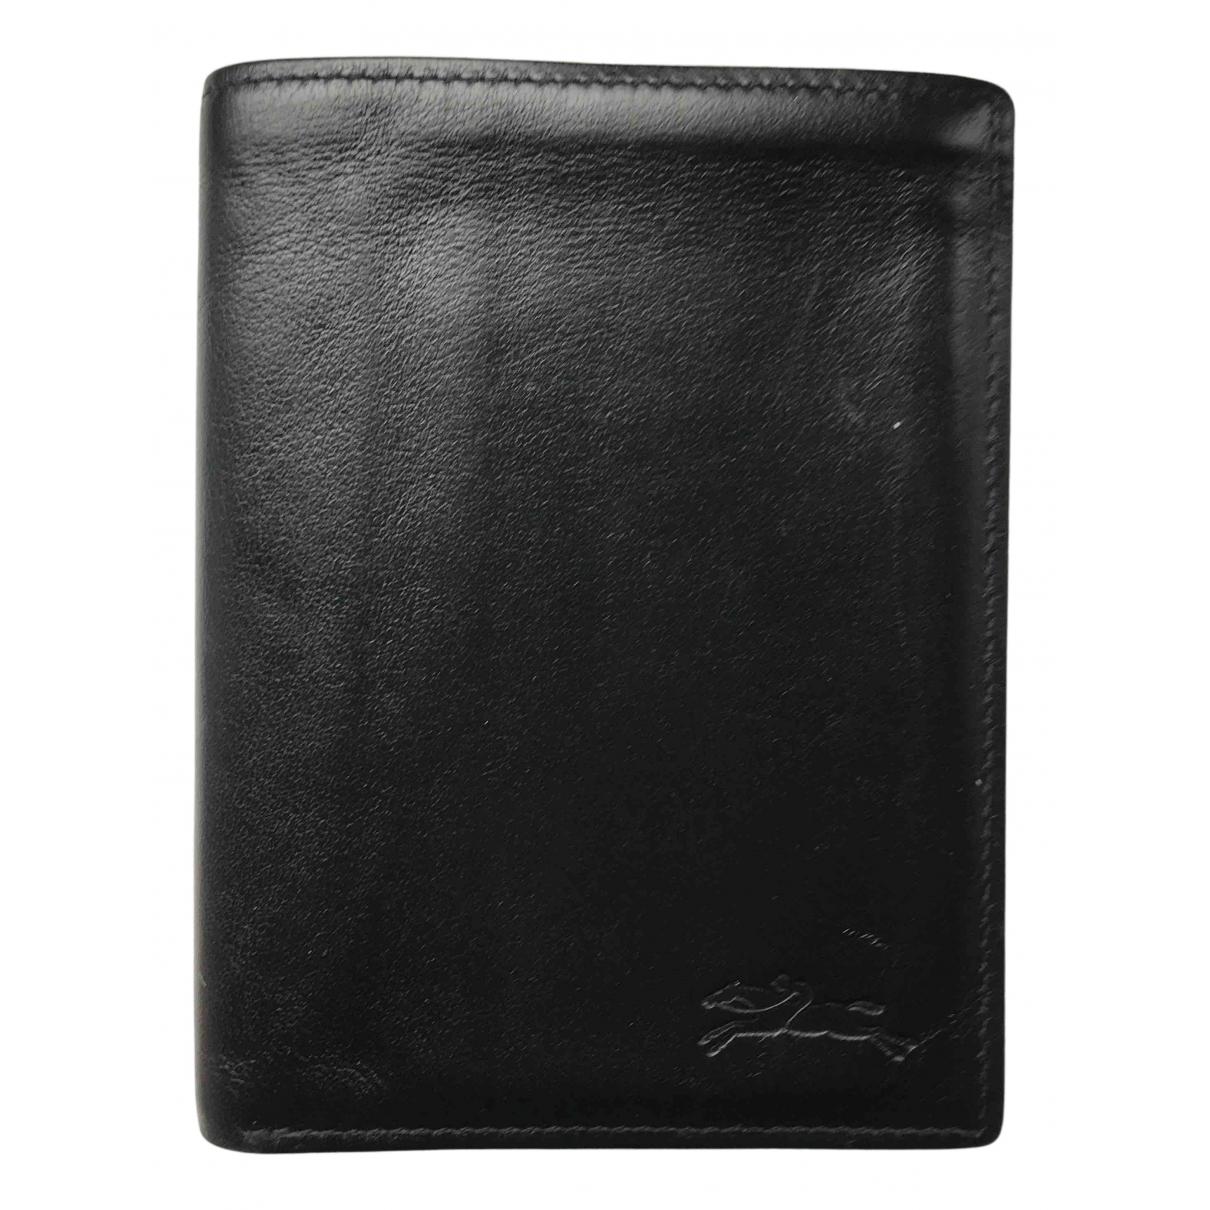 Longchamp - Petite maroquinerie   pour homme en cuir - noir